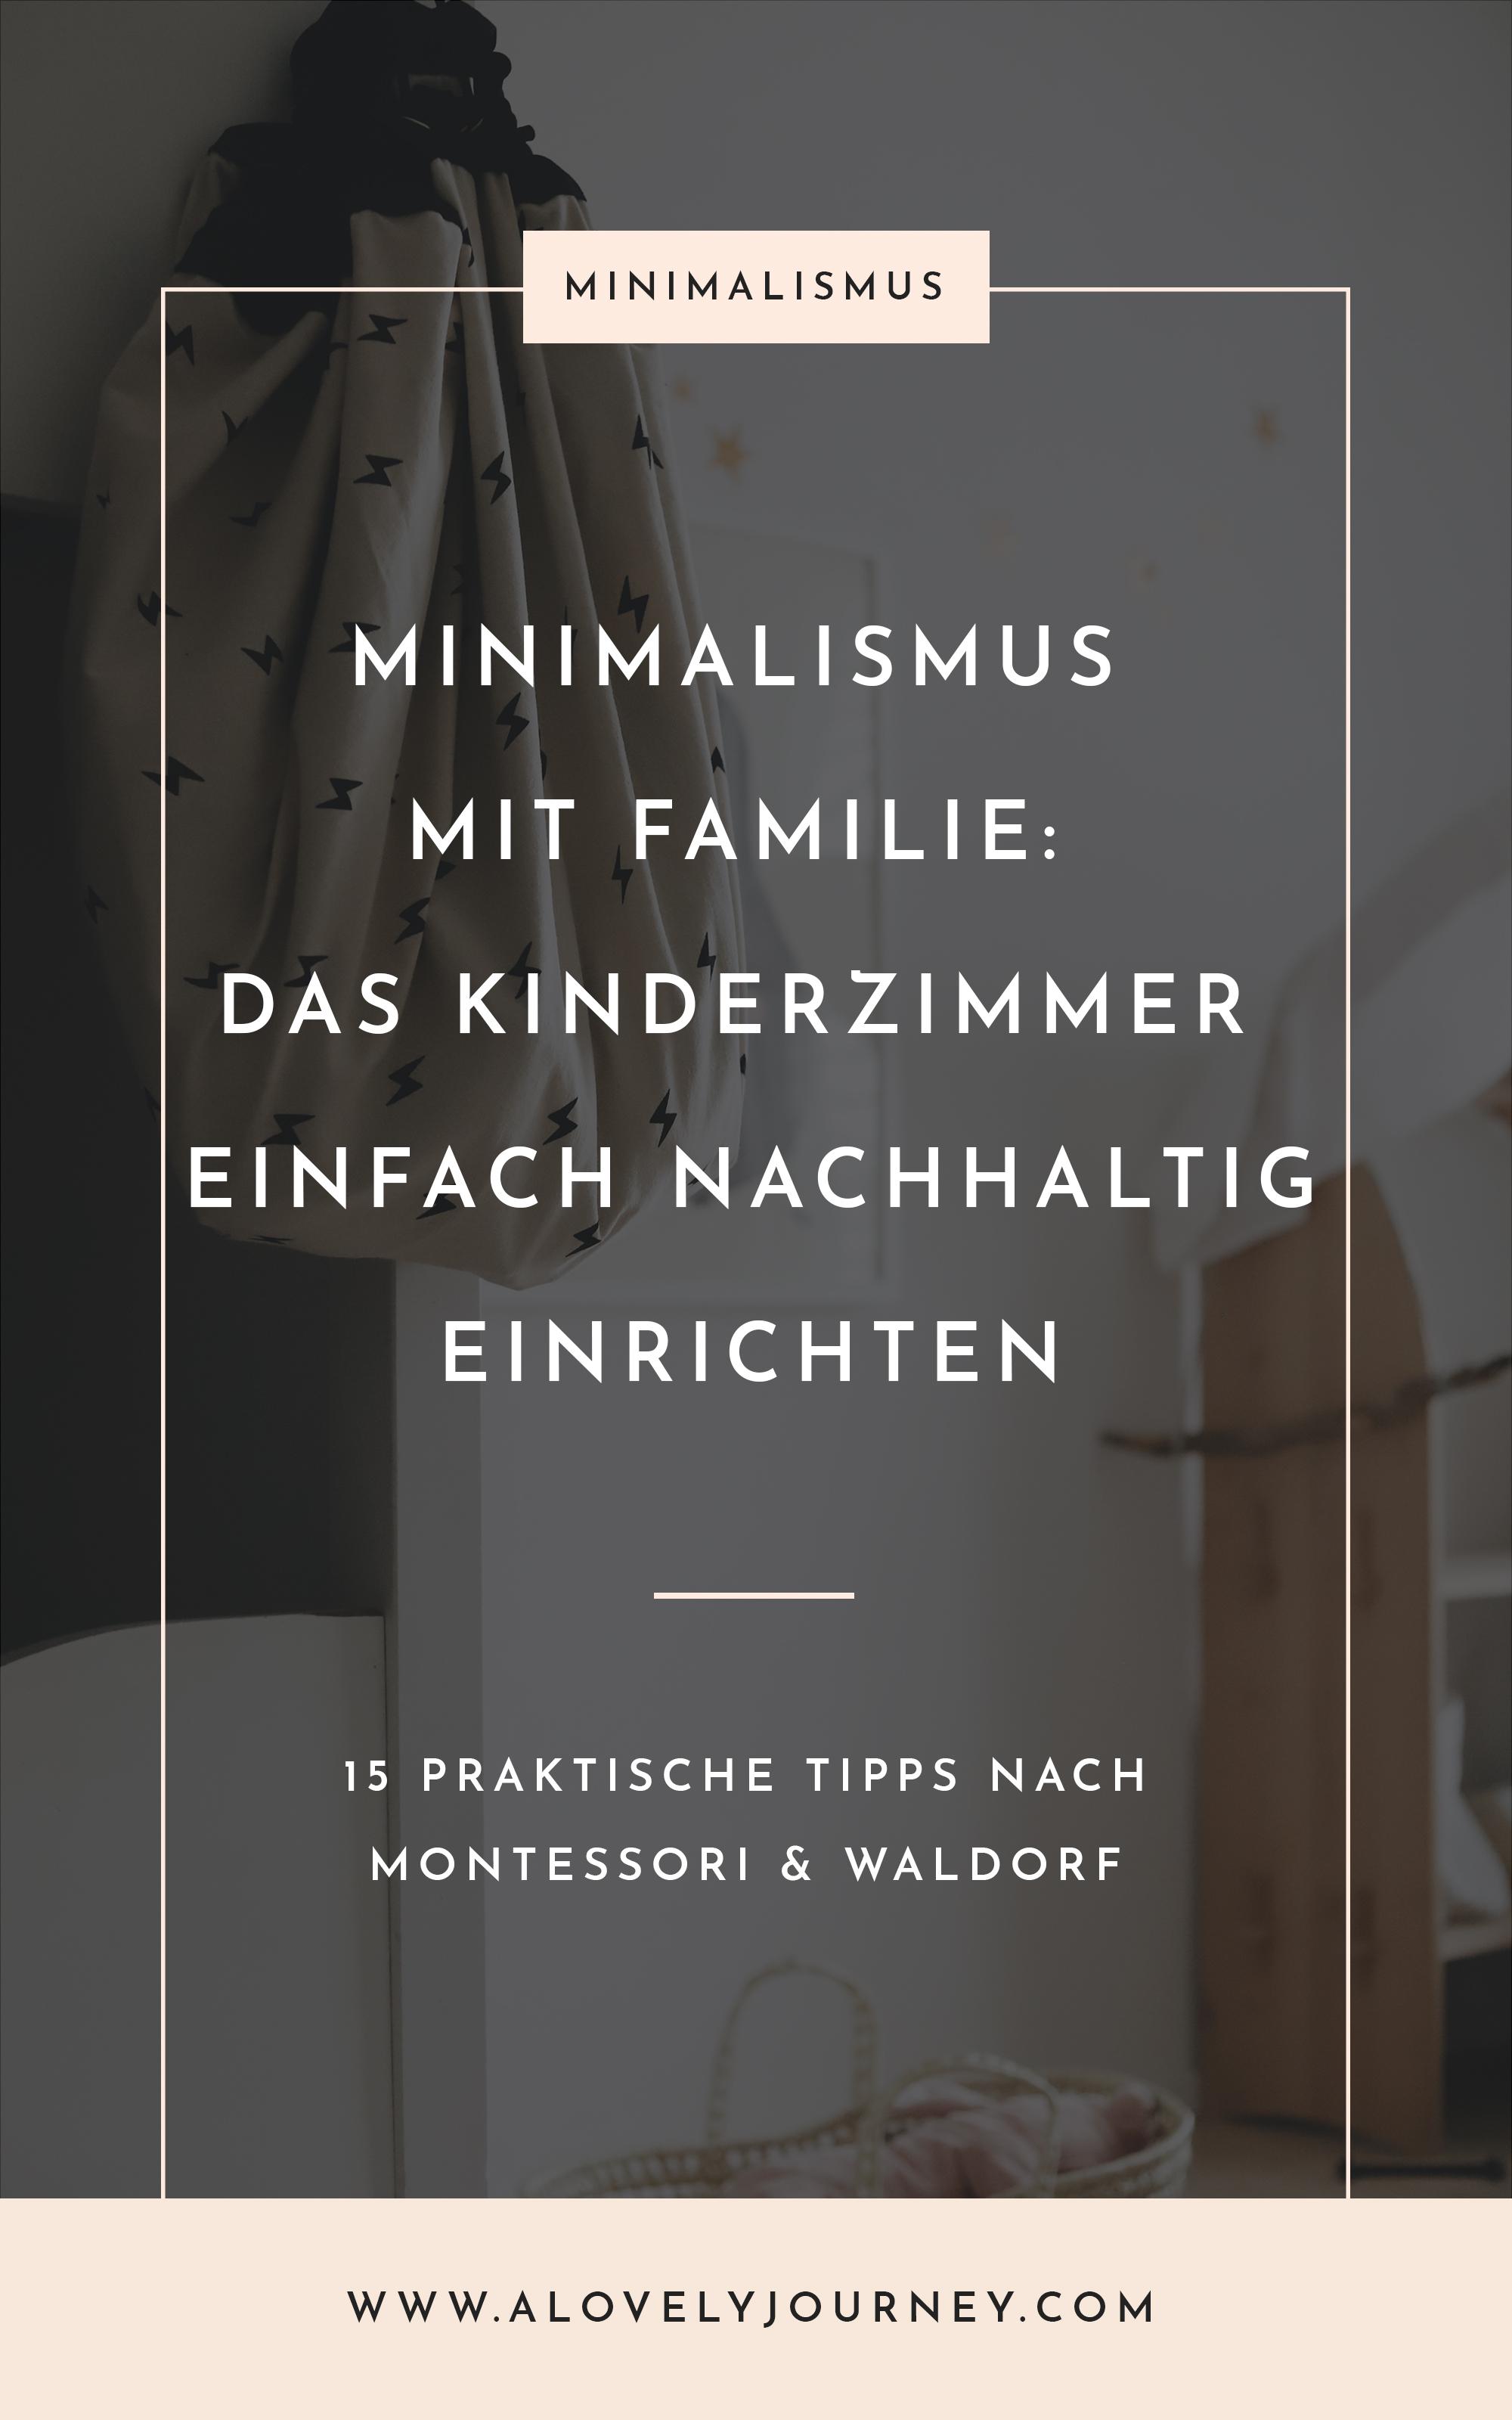 Minimalismus mit Familie - Kinderzimmer minimalistisch aber gut einrichten